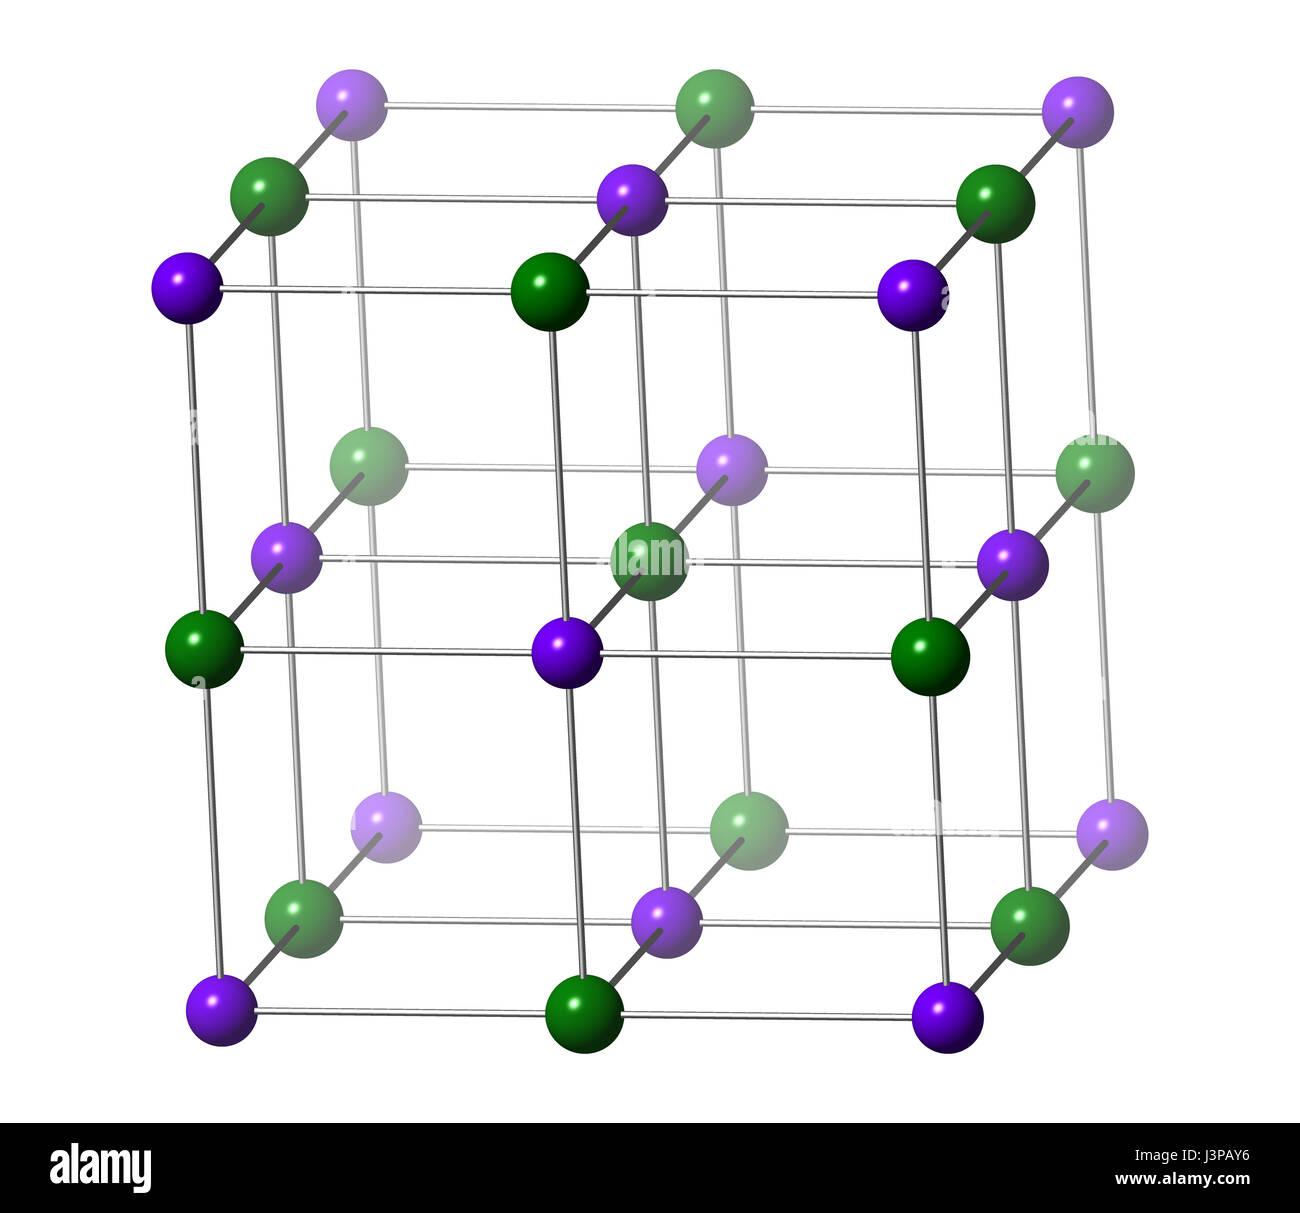 Potassium Atomic Structure Stock Photos Potassium Atomic